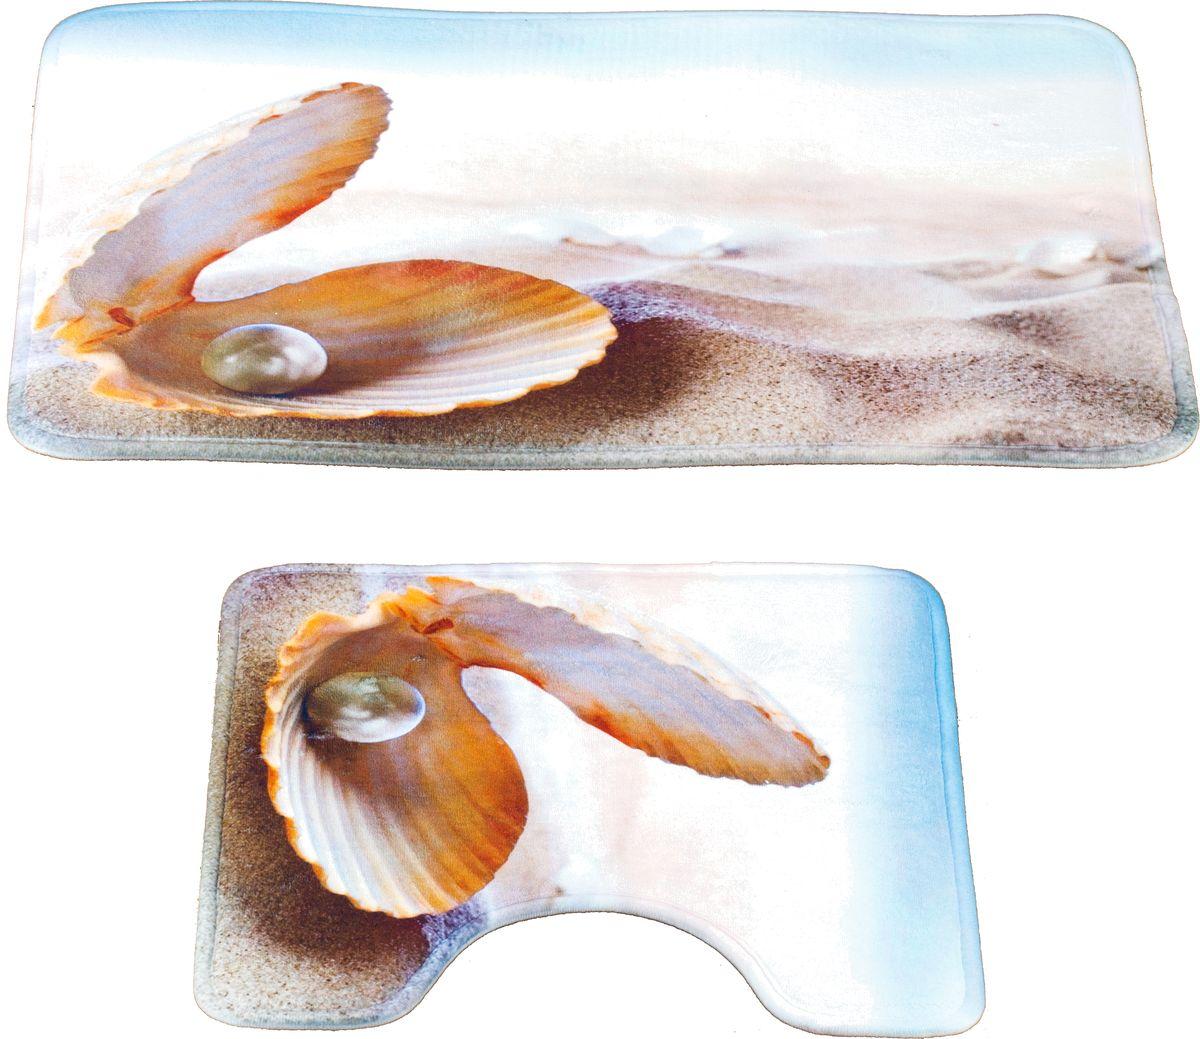 Набор ковриков для ванной Swensa Жемчужина, цвет: светло-бежевый, 40 х 60 см, 40 х 40 см, 2 шт631/CHAR012Набор ковриков для ванной Swensa Жемчужина способен наполнить ванную комнату атмосферой уюта и домашнего тепла. Микрофибра, из которой изготовлено изделие, отличается непревзойденной мягкостью, особой прочностью, гигроскопичностью. Такое сочетание качеств особенно ценно для текстиля, который планируется использовать в условиях повышенной влажности. Латексная основа предотвращает скольжение коврика на гладкой плитке.